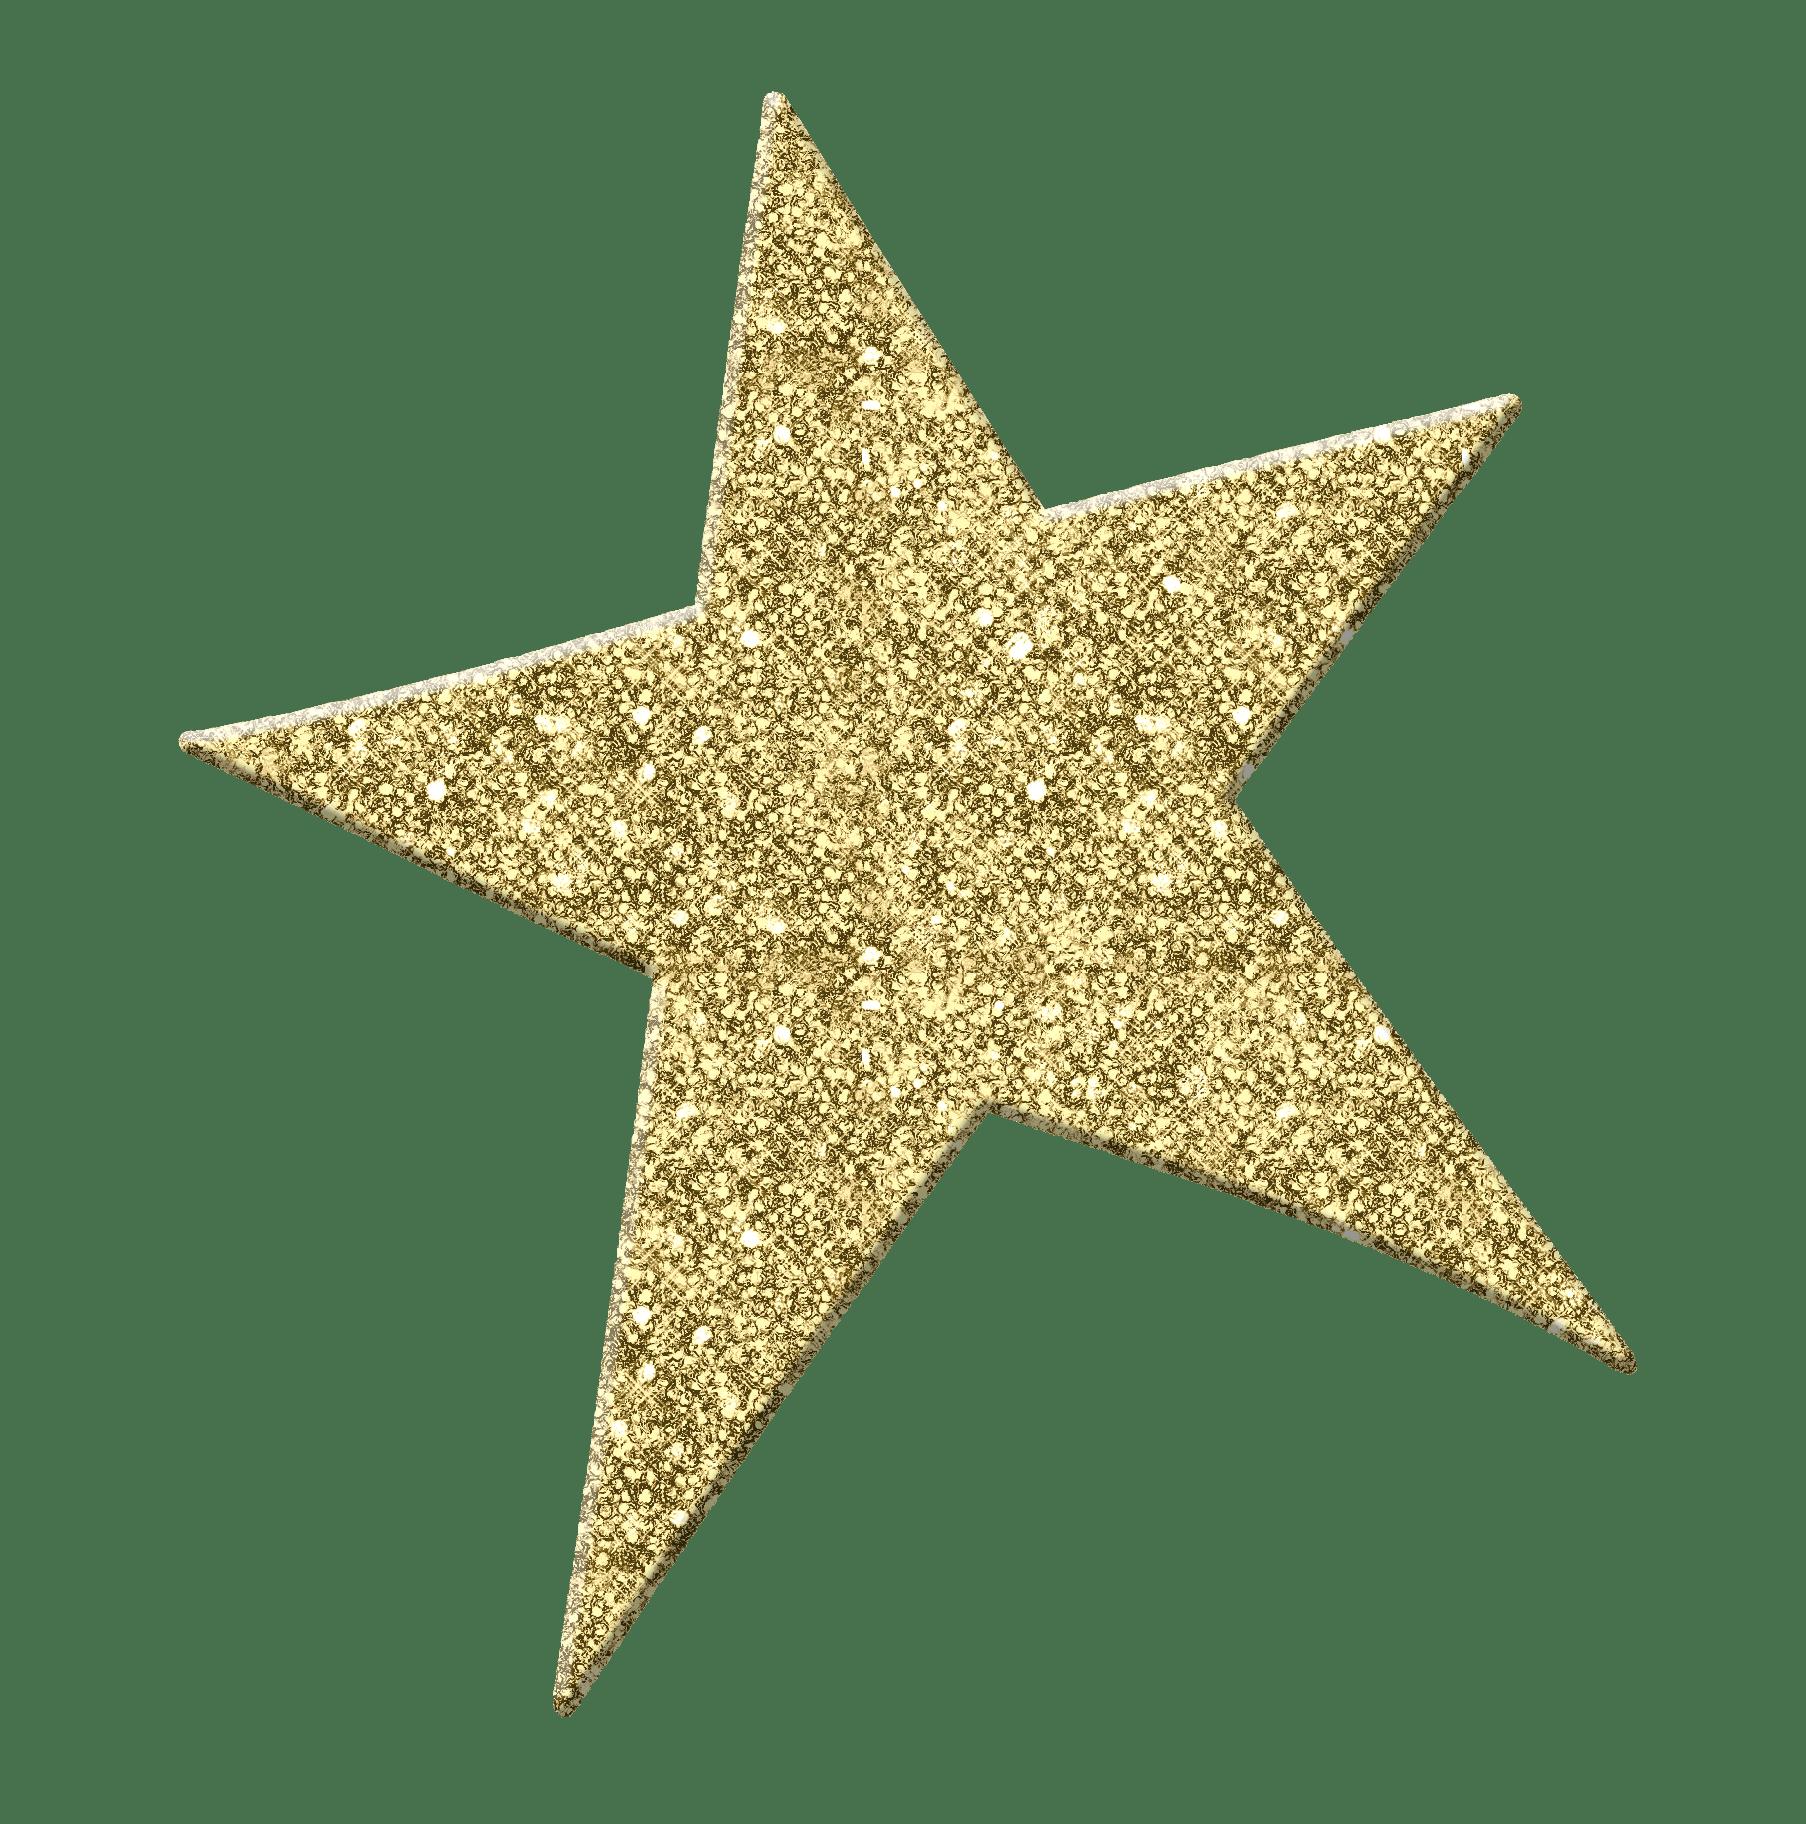 Golden Star PNG Image.